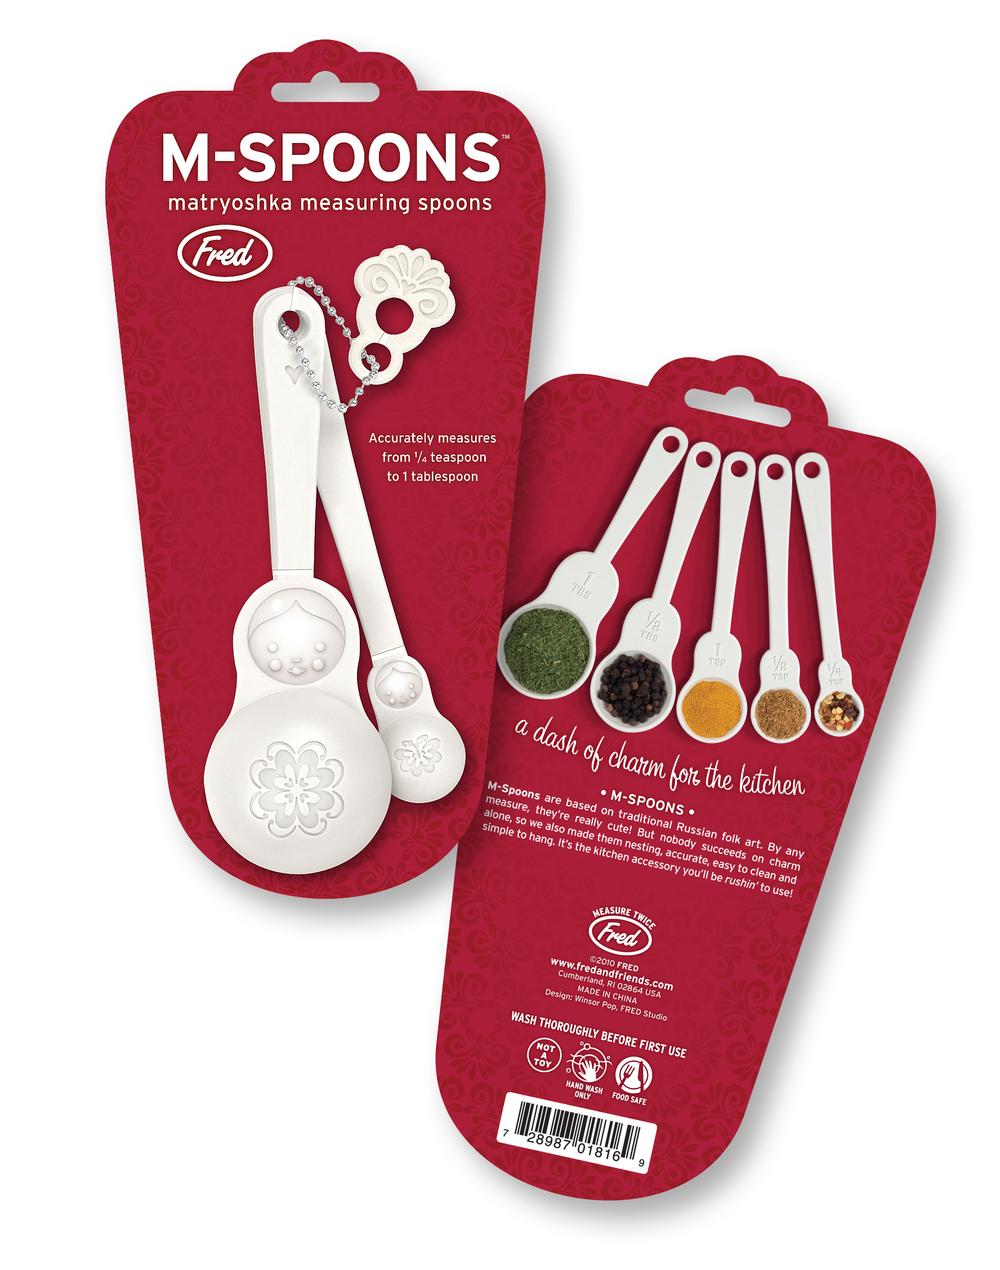 M-Spoons $10.95